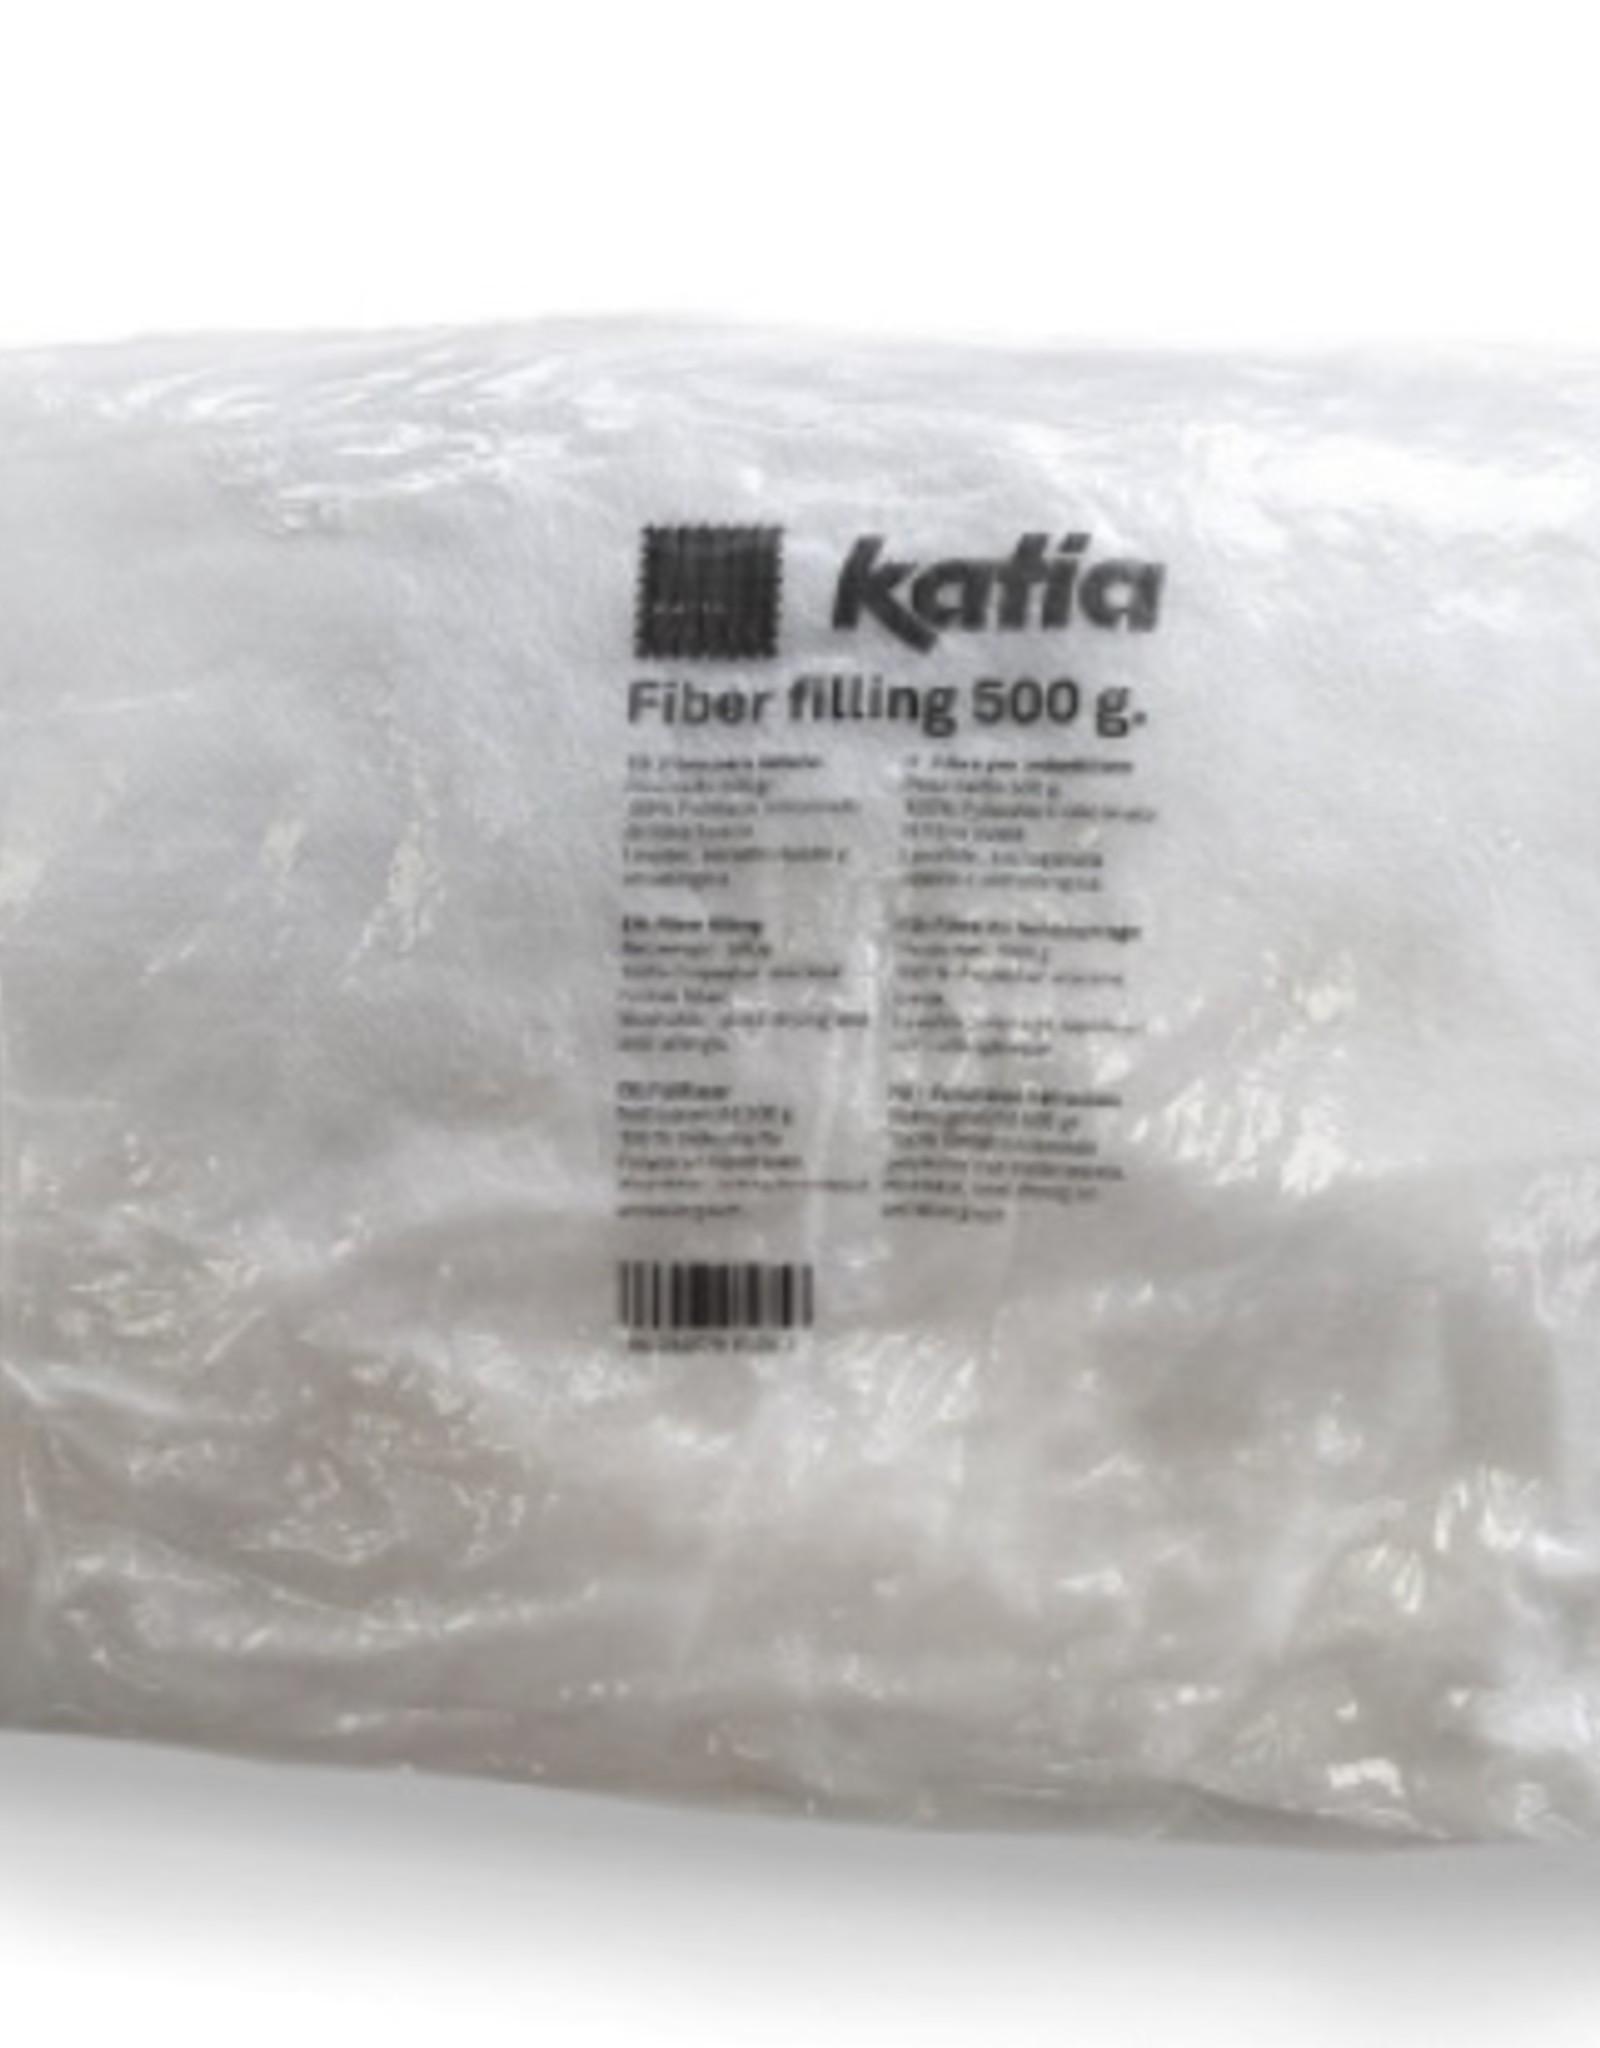 Katia fiber filling 500g